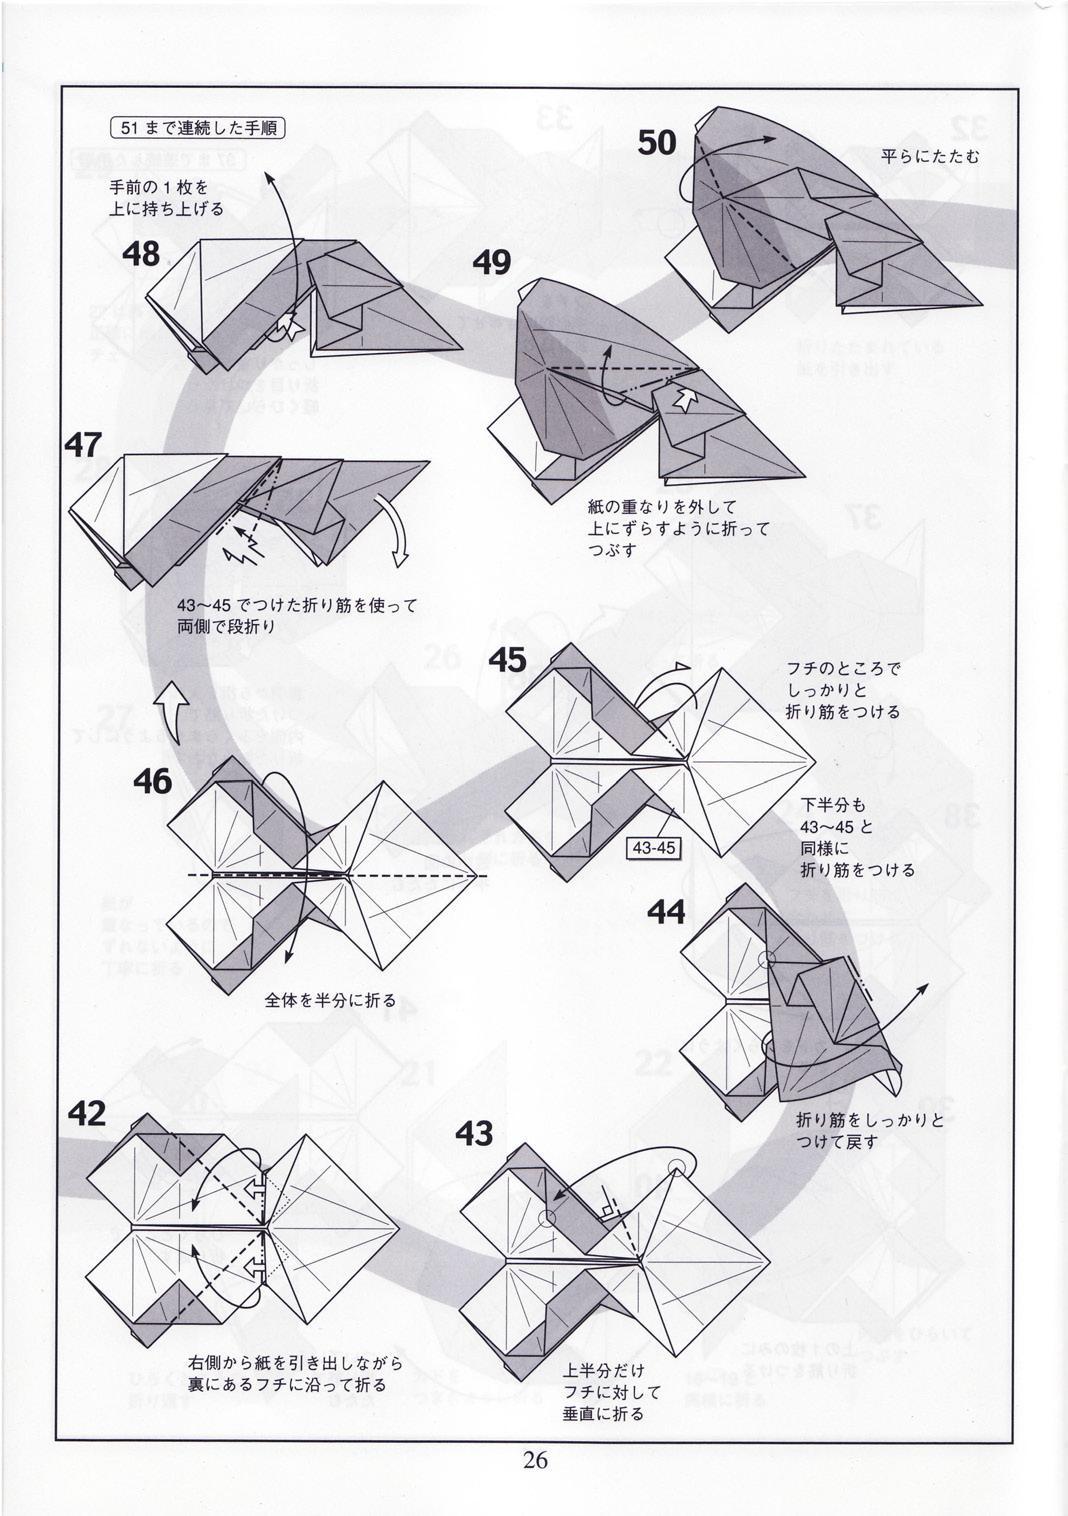 el arte del origami  oveja de komatsu hideo